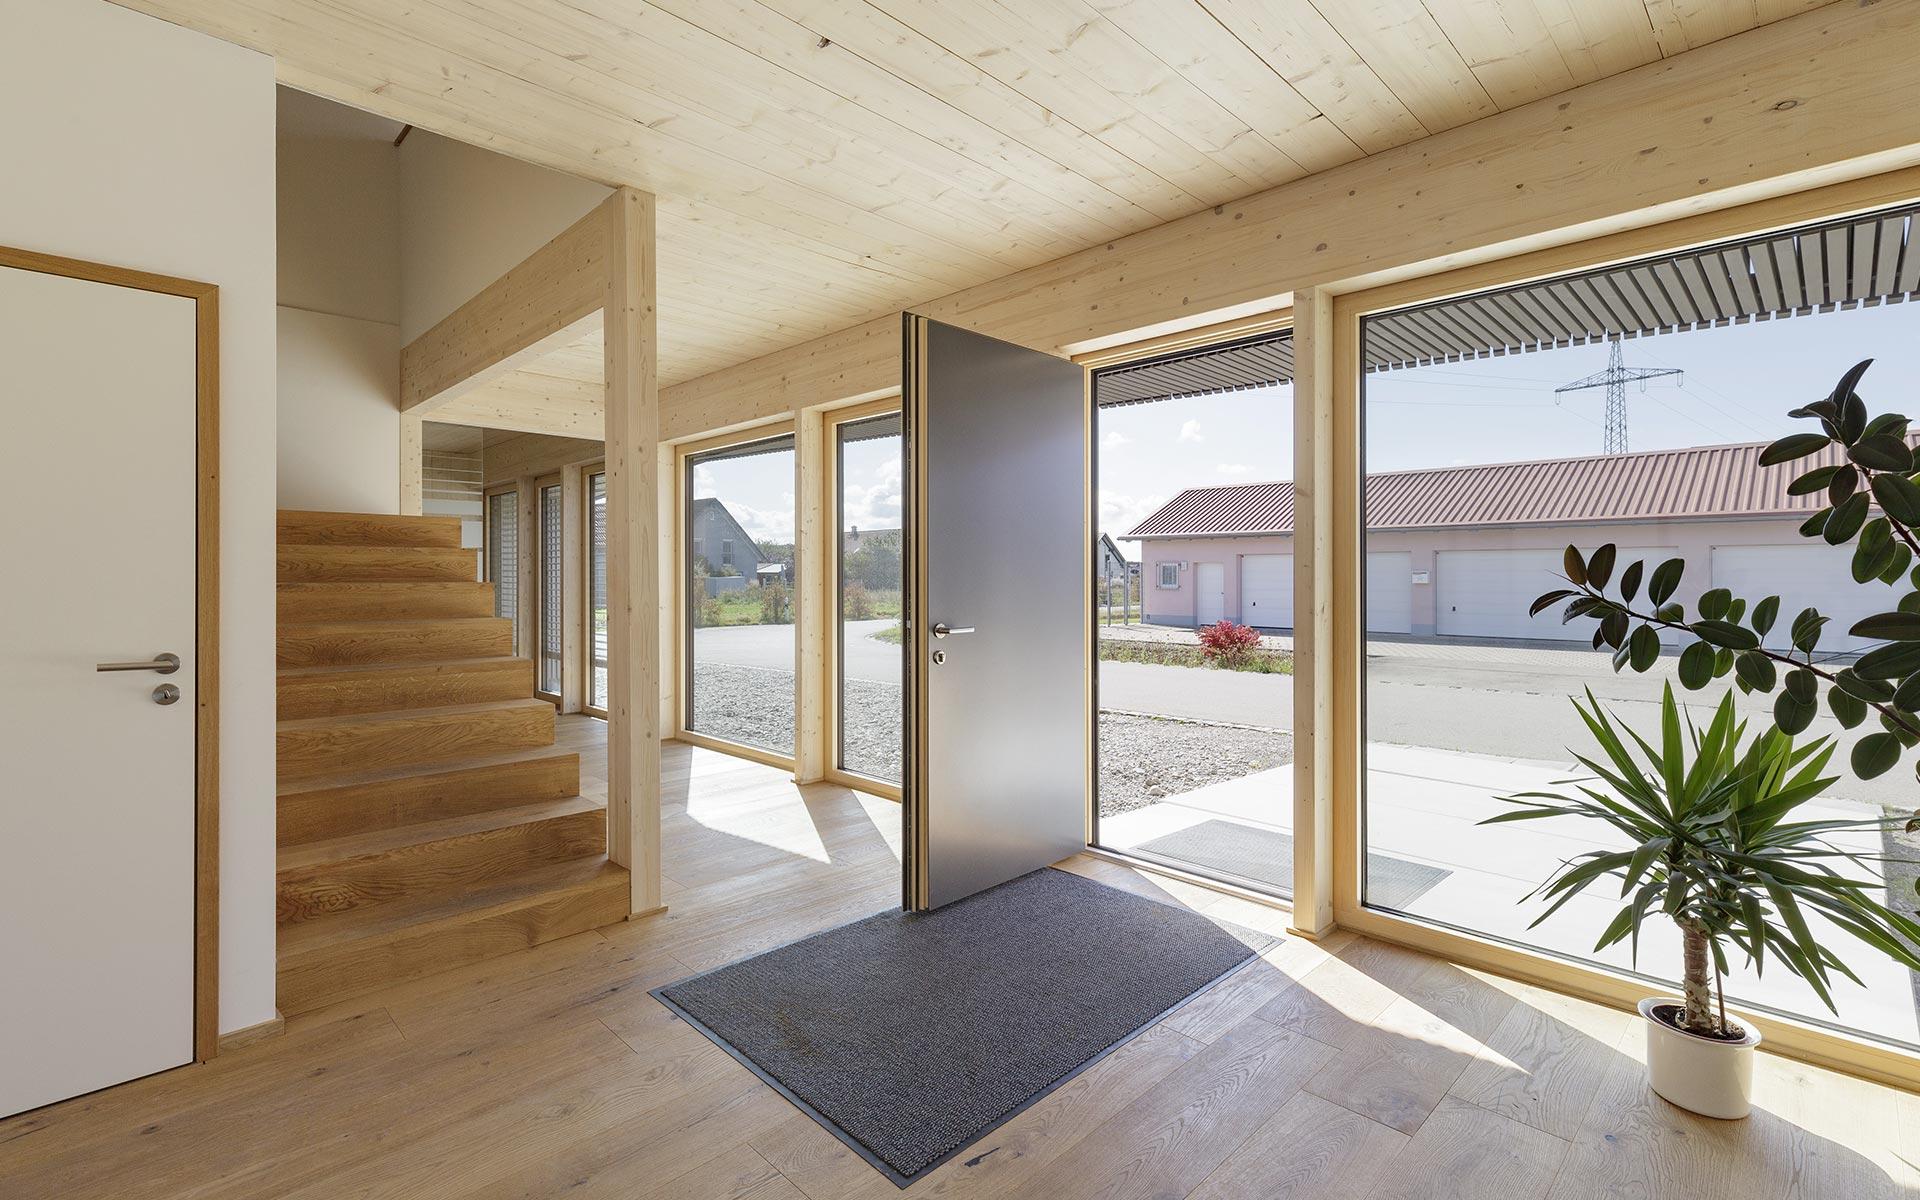 Fenster und Licht sind wichtig für Wohnqualität